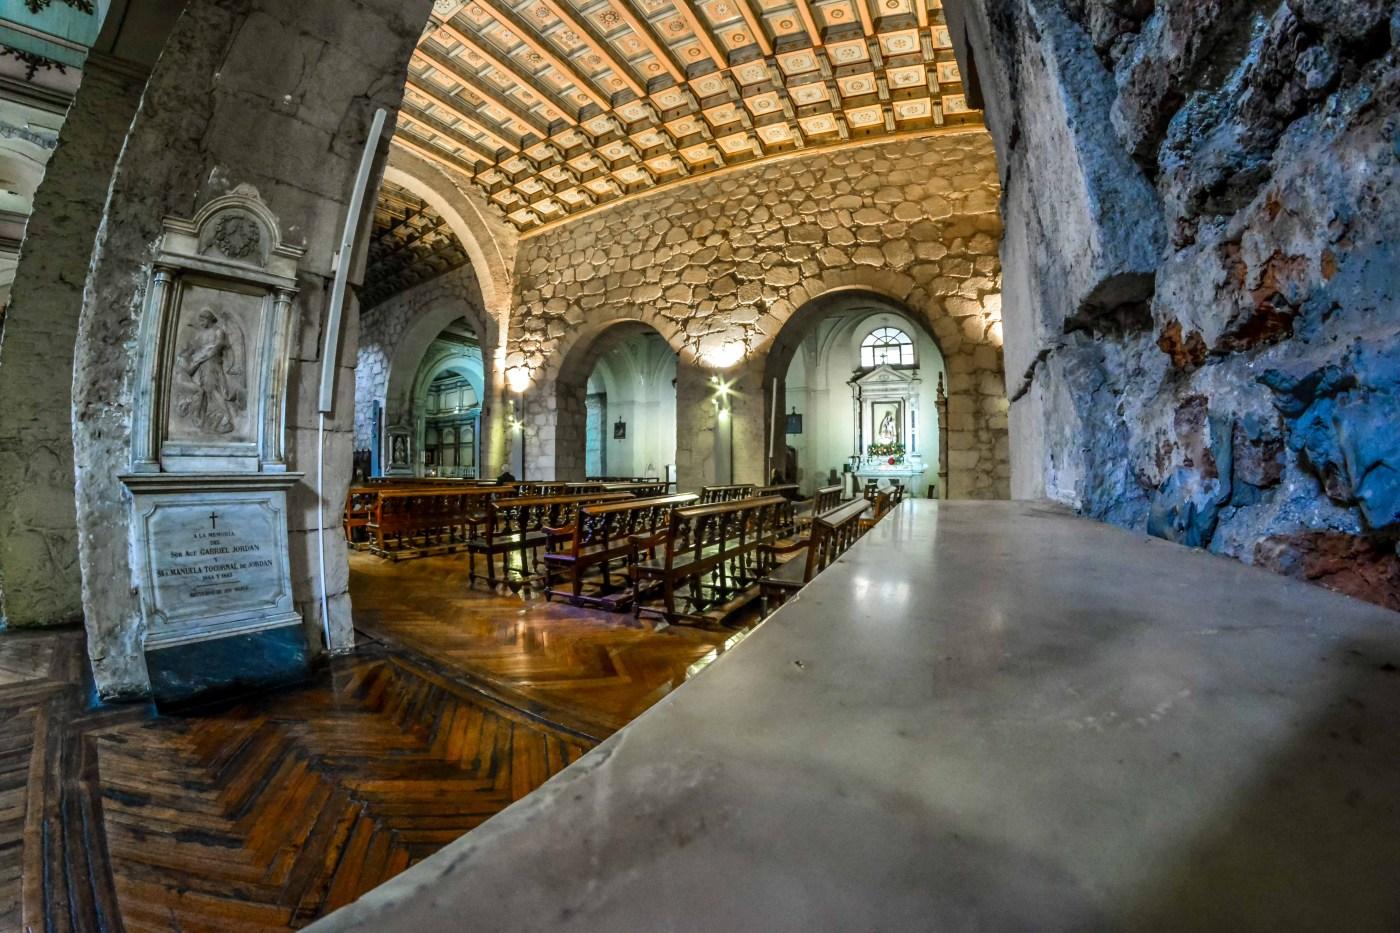 églises cathédrales sanctuaire basilique Santiago chili chile